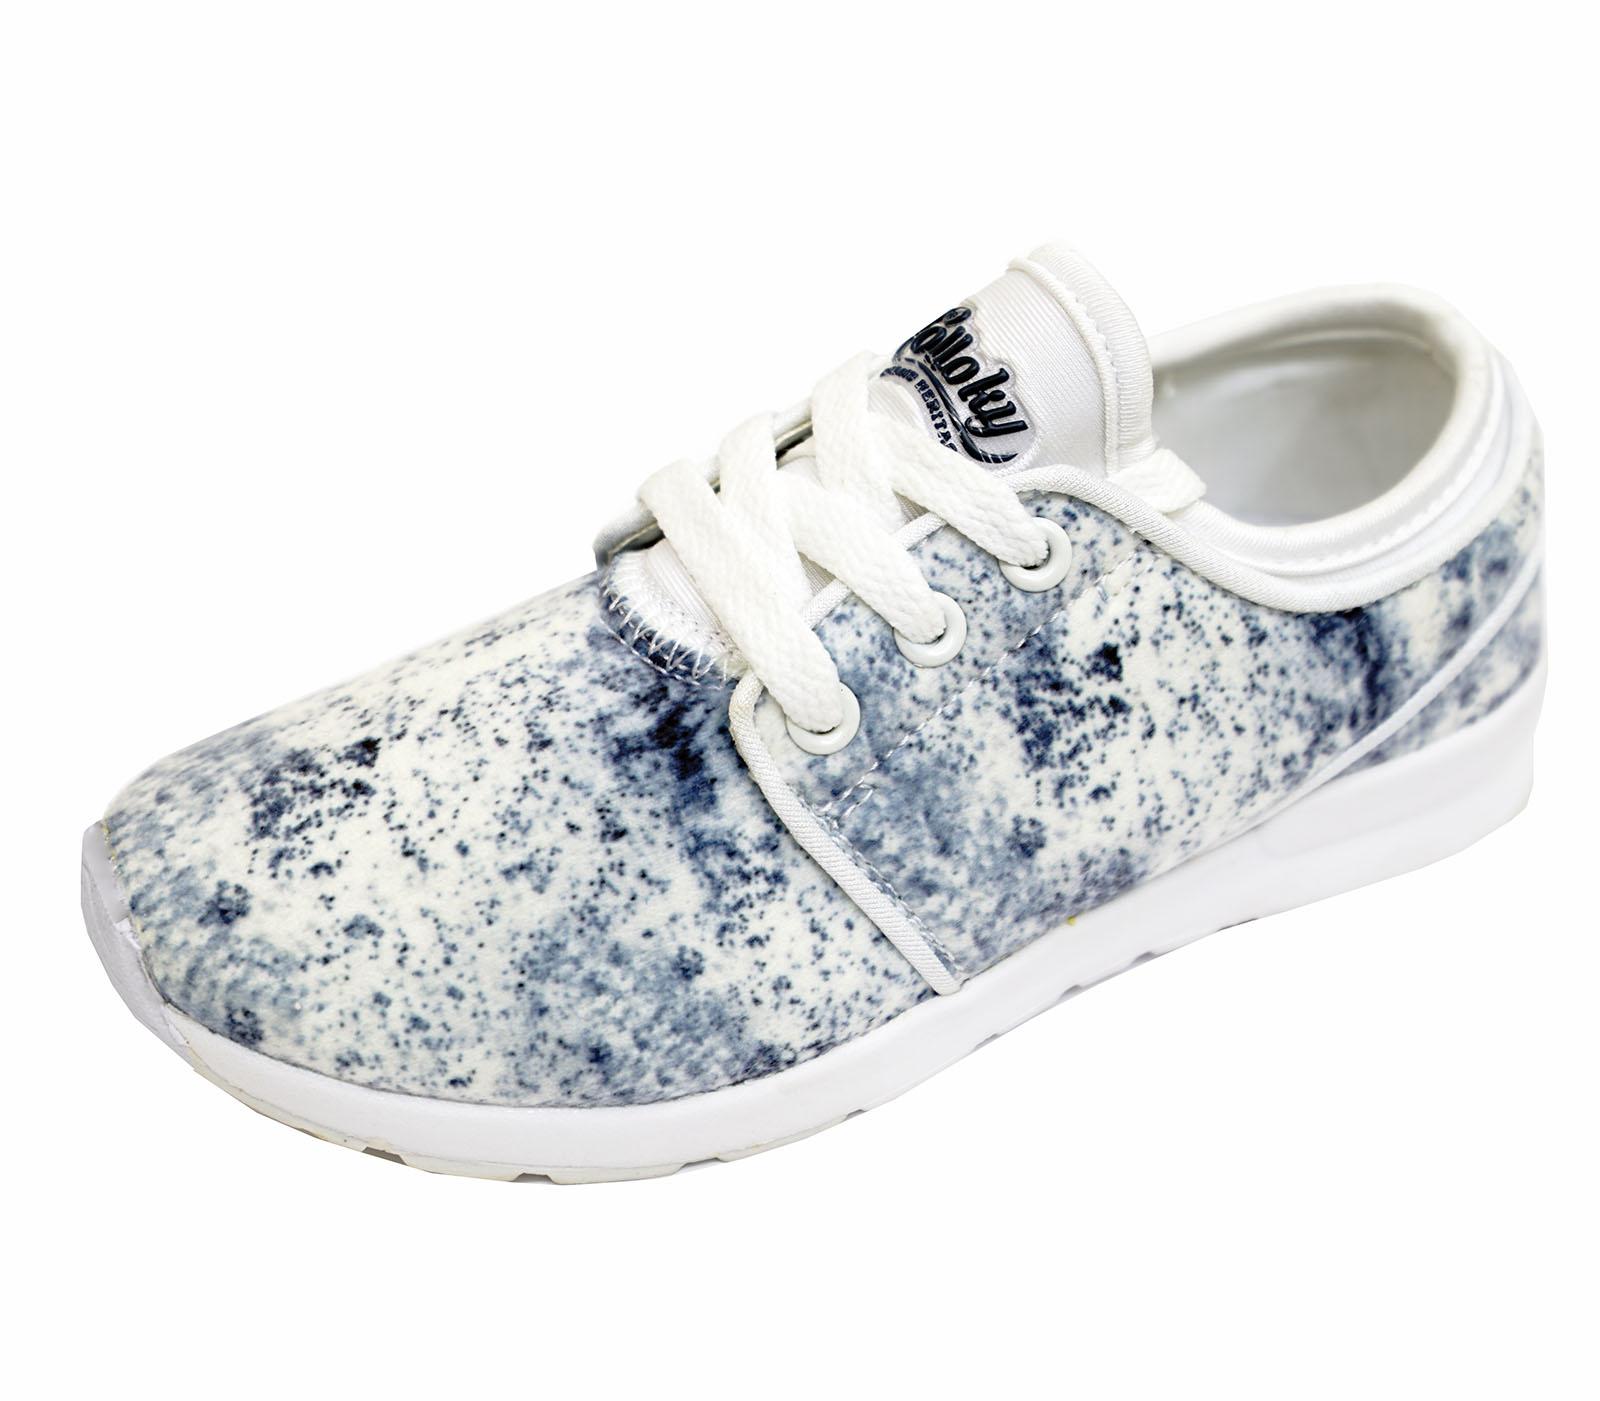 Niños Childrens Blanco Azul Zapatillas Con Cordones Bombas Zapatos De Escuela Pe Deportes 10-5